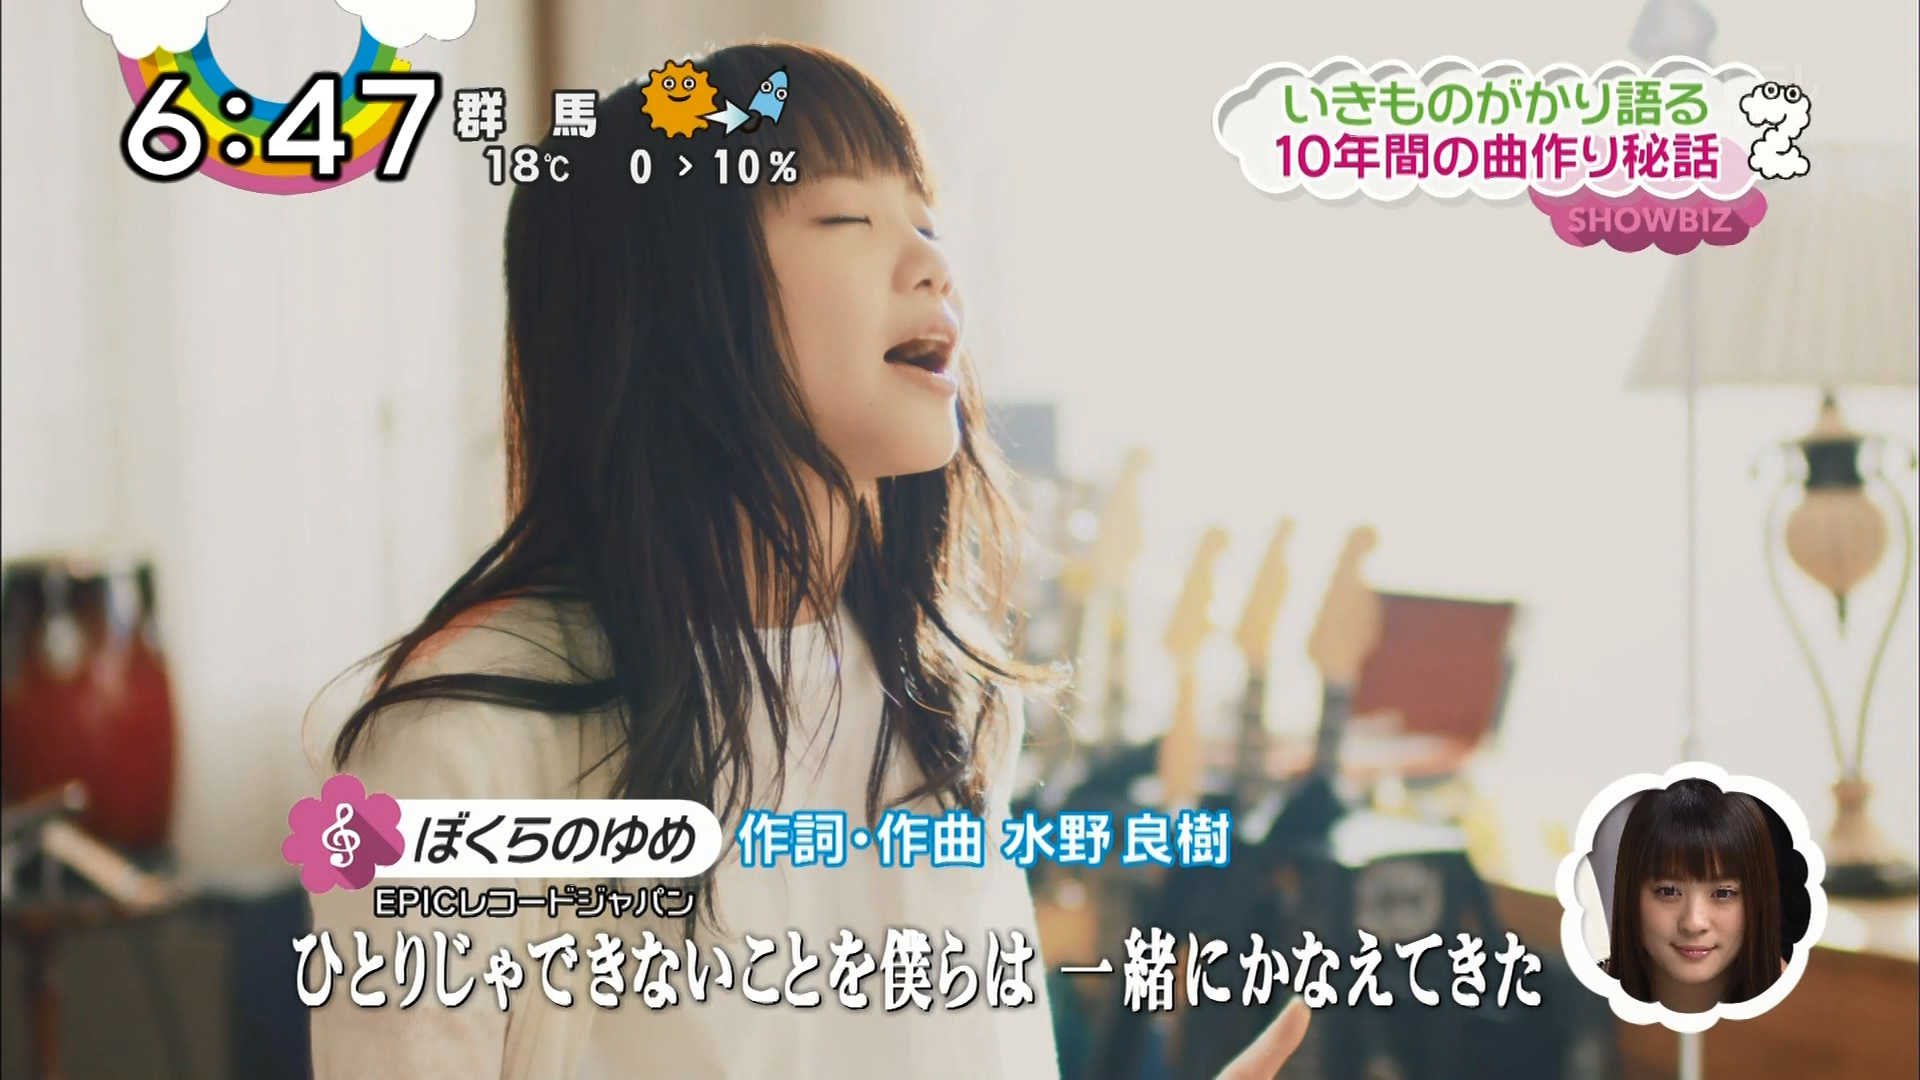 2016.03.18 いきものがかり10周年 - 愛される名曲の秘密(ZIP!).ts_20160318_080729.838